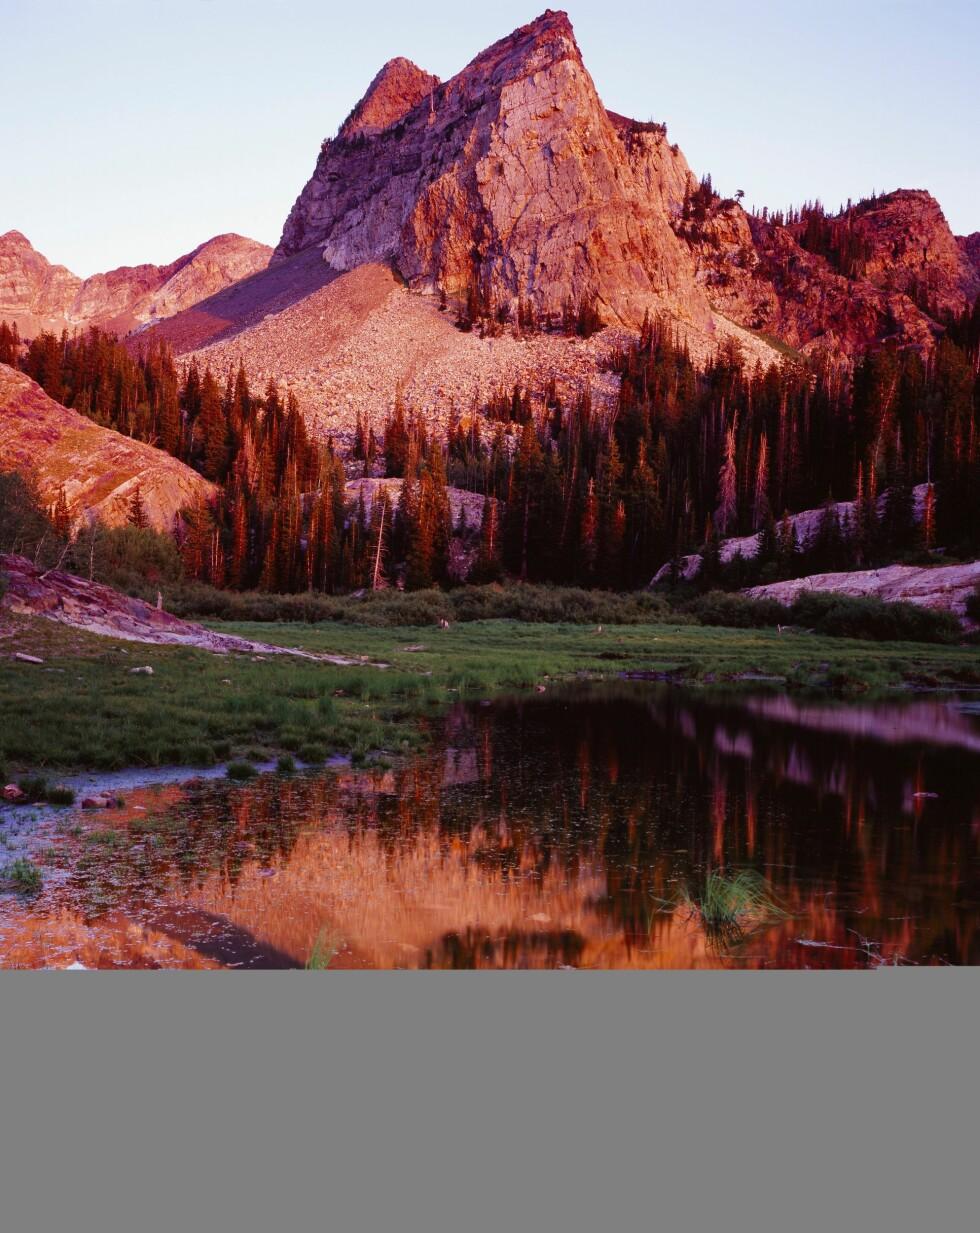 INSPIRERENDE: Fjellet Sundial Peak speiler seg i Lake Blanche i Big Cottonwood Canyon. Kanskje noen av stjernene kobler av i dette området under filmfestivalen? Foto: (c) Fred Hirschmann/Science Faction/Corbis/All Over Press